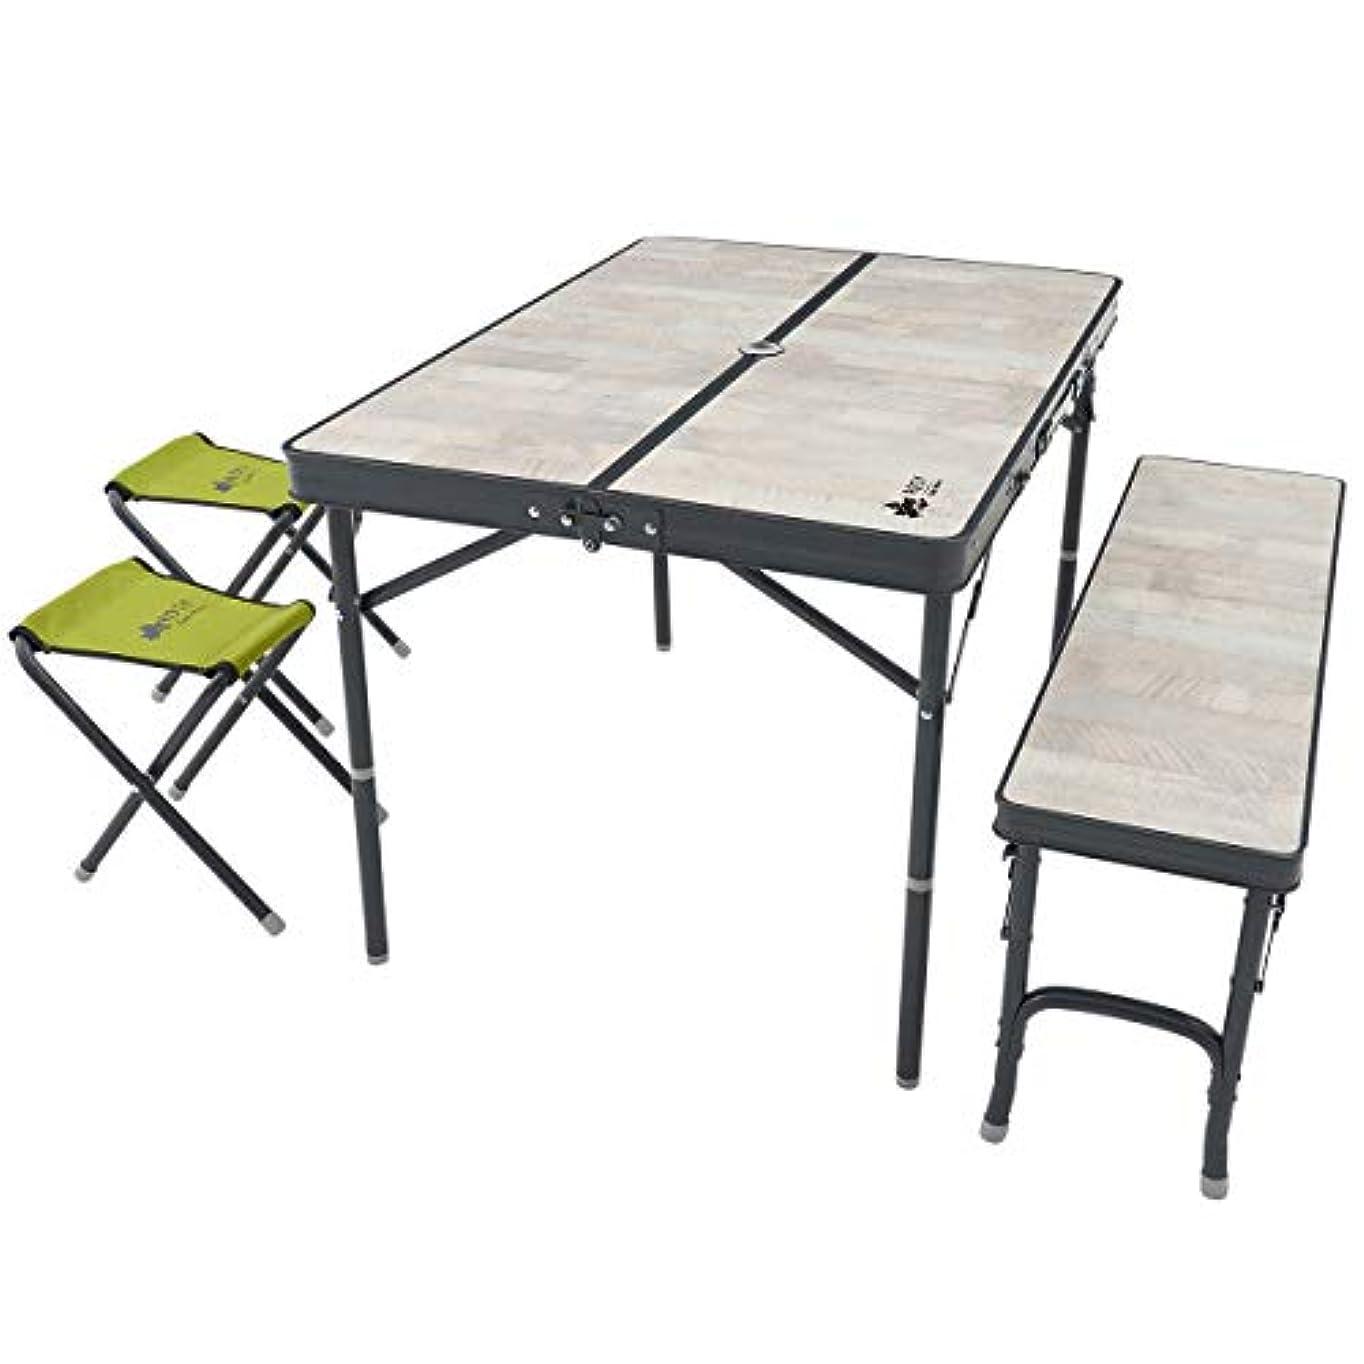 使い込む時間天才ロゴス(LOGOS) ROSY ファミリーベンチテーブルセット 73189057